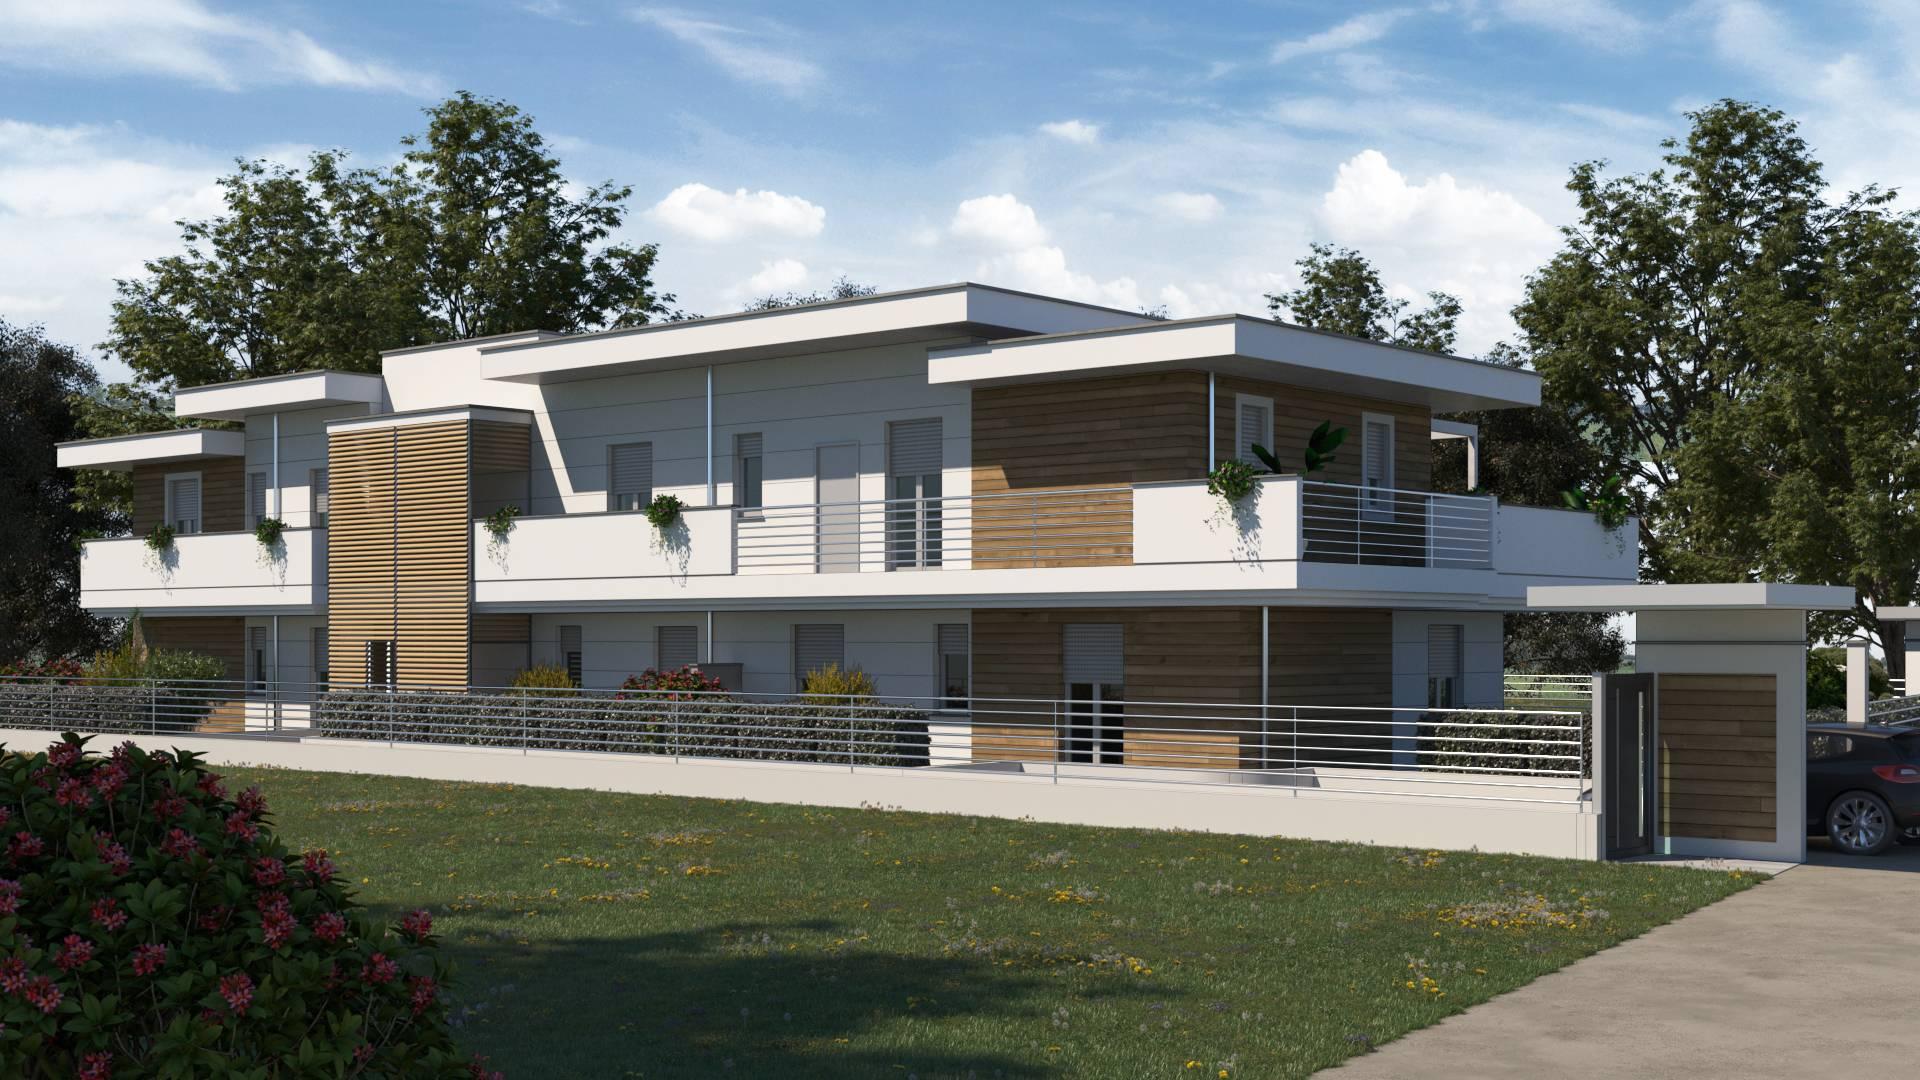 Appartamento in vendita a Camparada, 3 locali, prezzo € 245.000   PortaleAgenzieImmobiliari.it